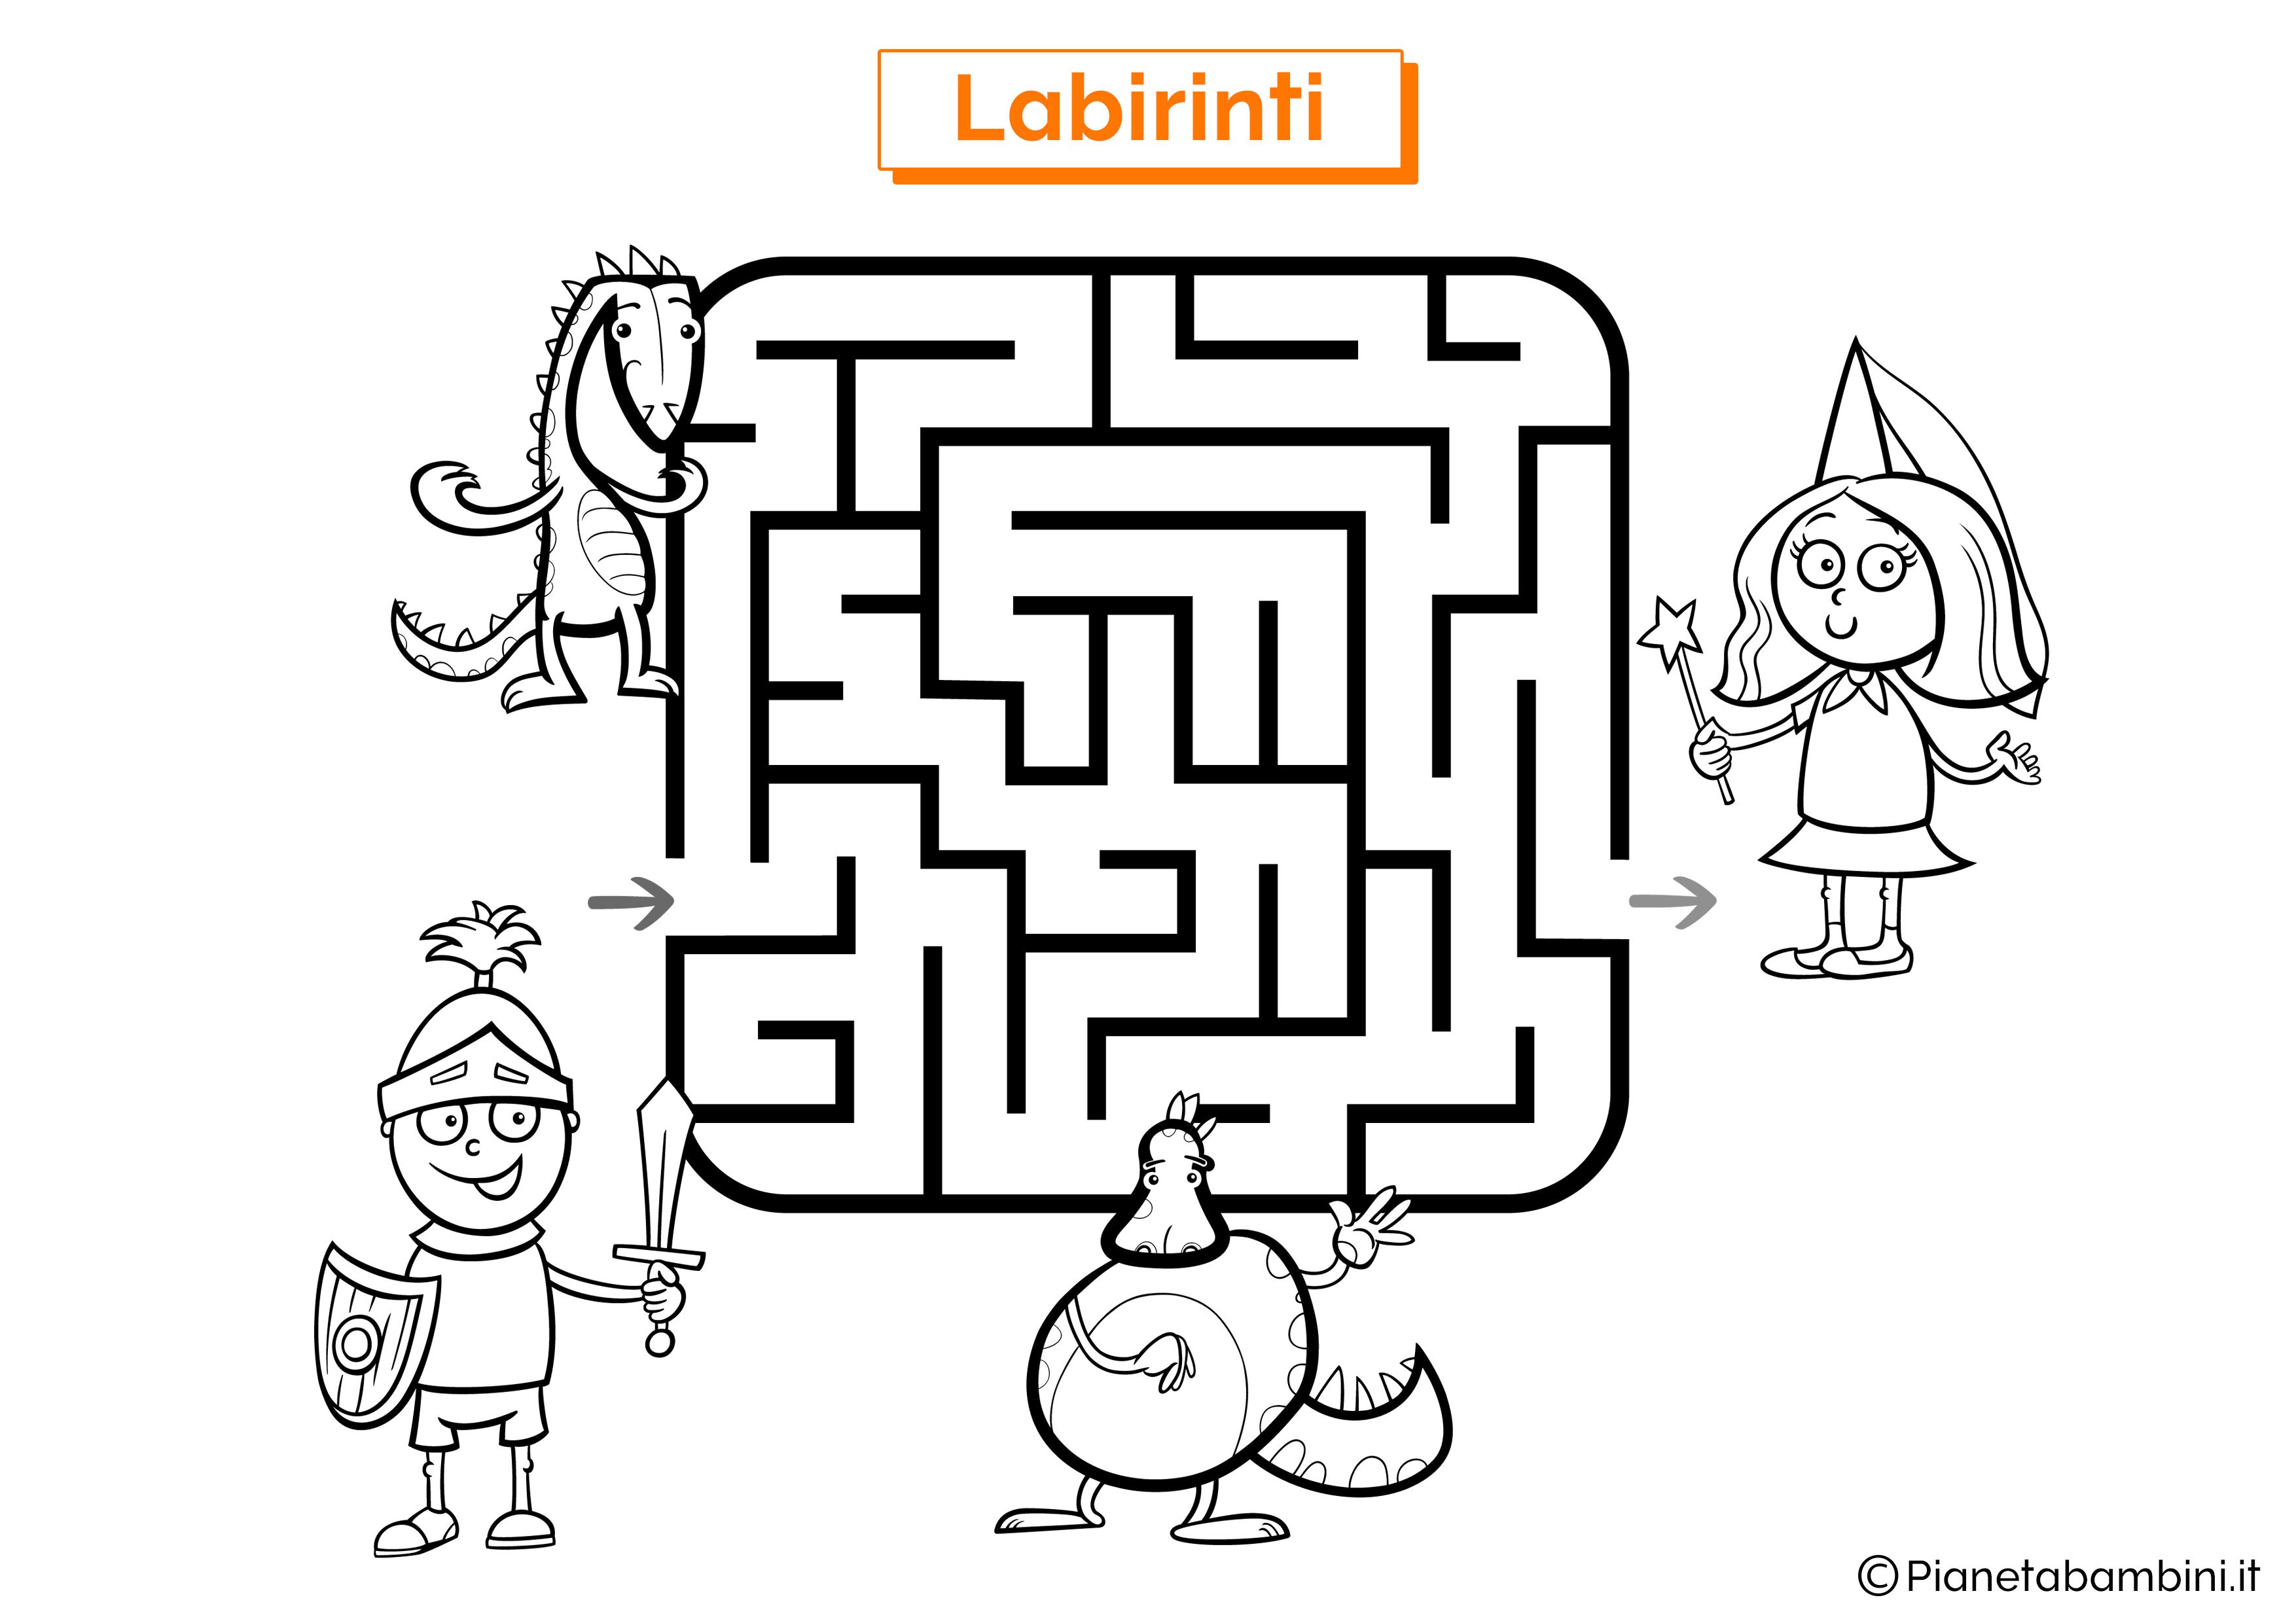 Labirinto con cavaliere, drago e fata da stampare